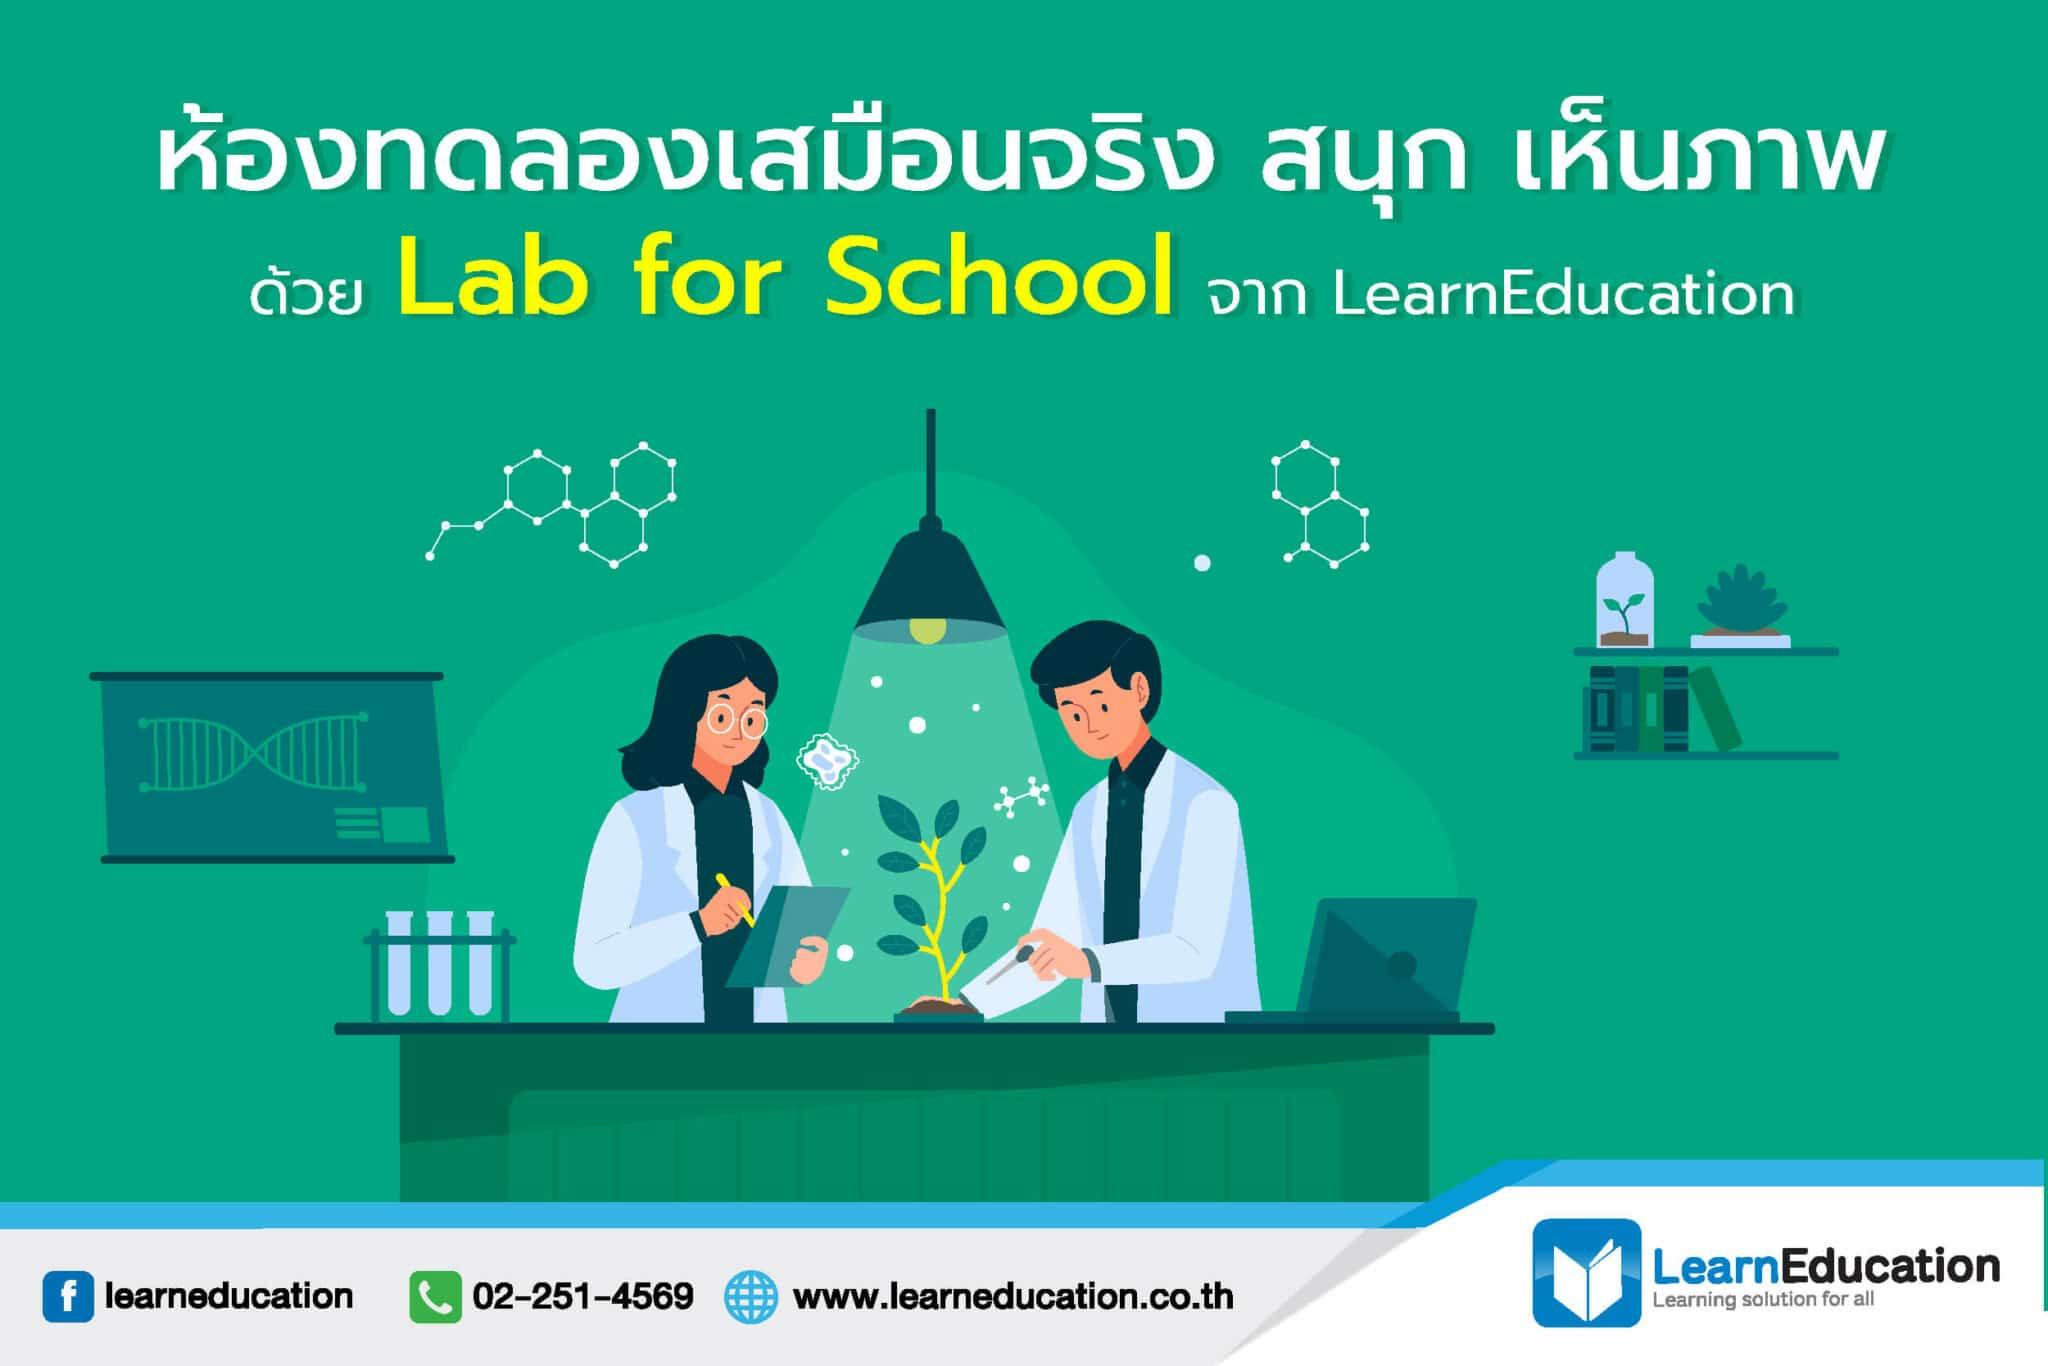 ห้องแล็บเสมือนจริง สนุก เห็นภาพ ด้วย Lab for School จาก LearnEducation